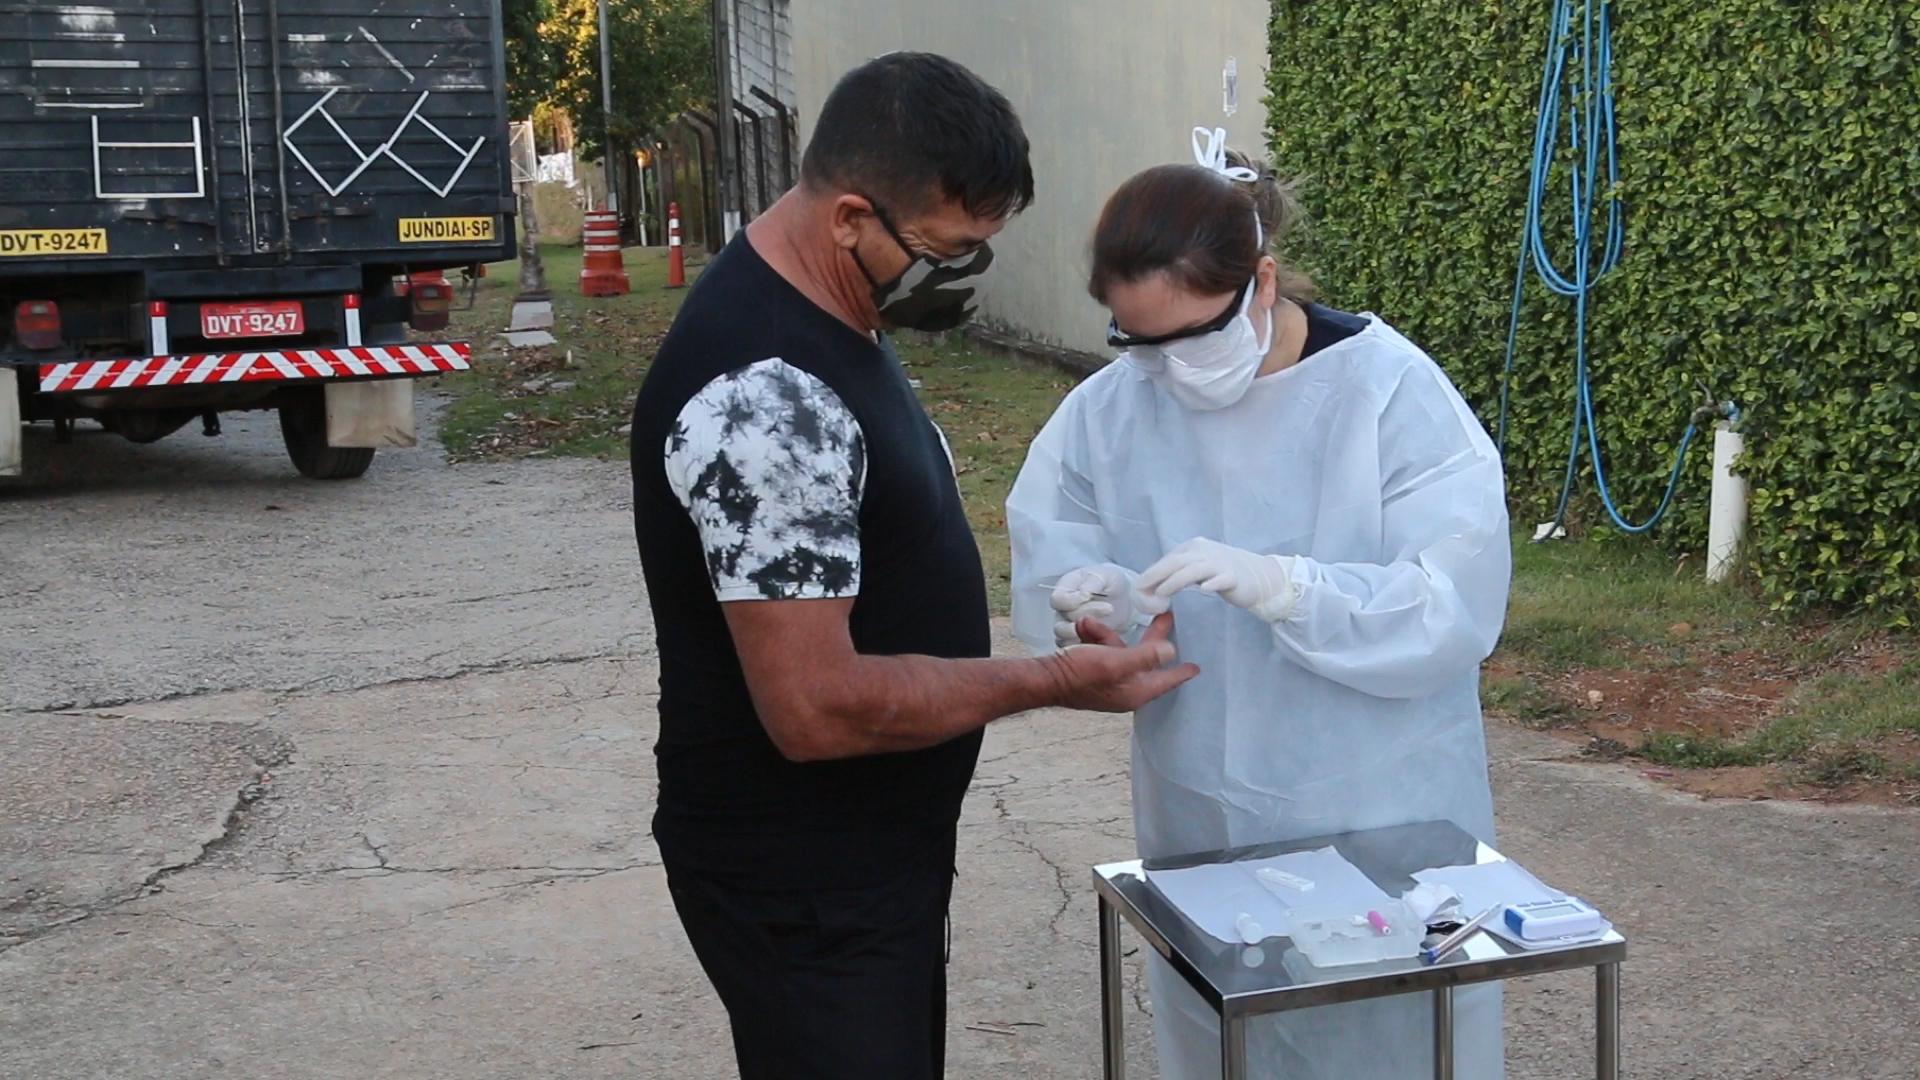 Mulher com roupa de procedimentos médicos faz teste em dedo de homem usando máscara